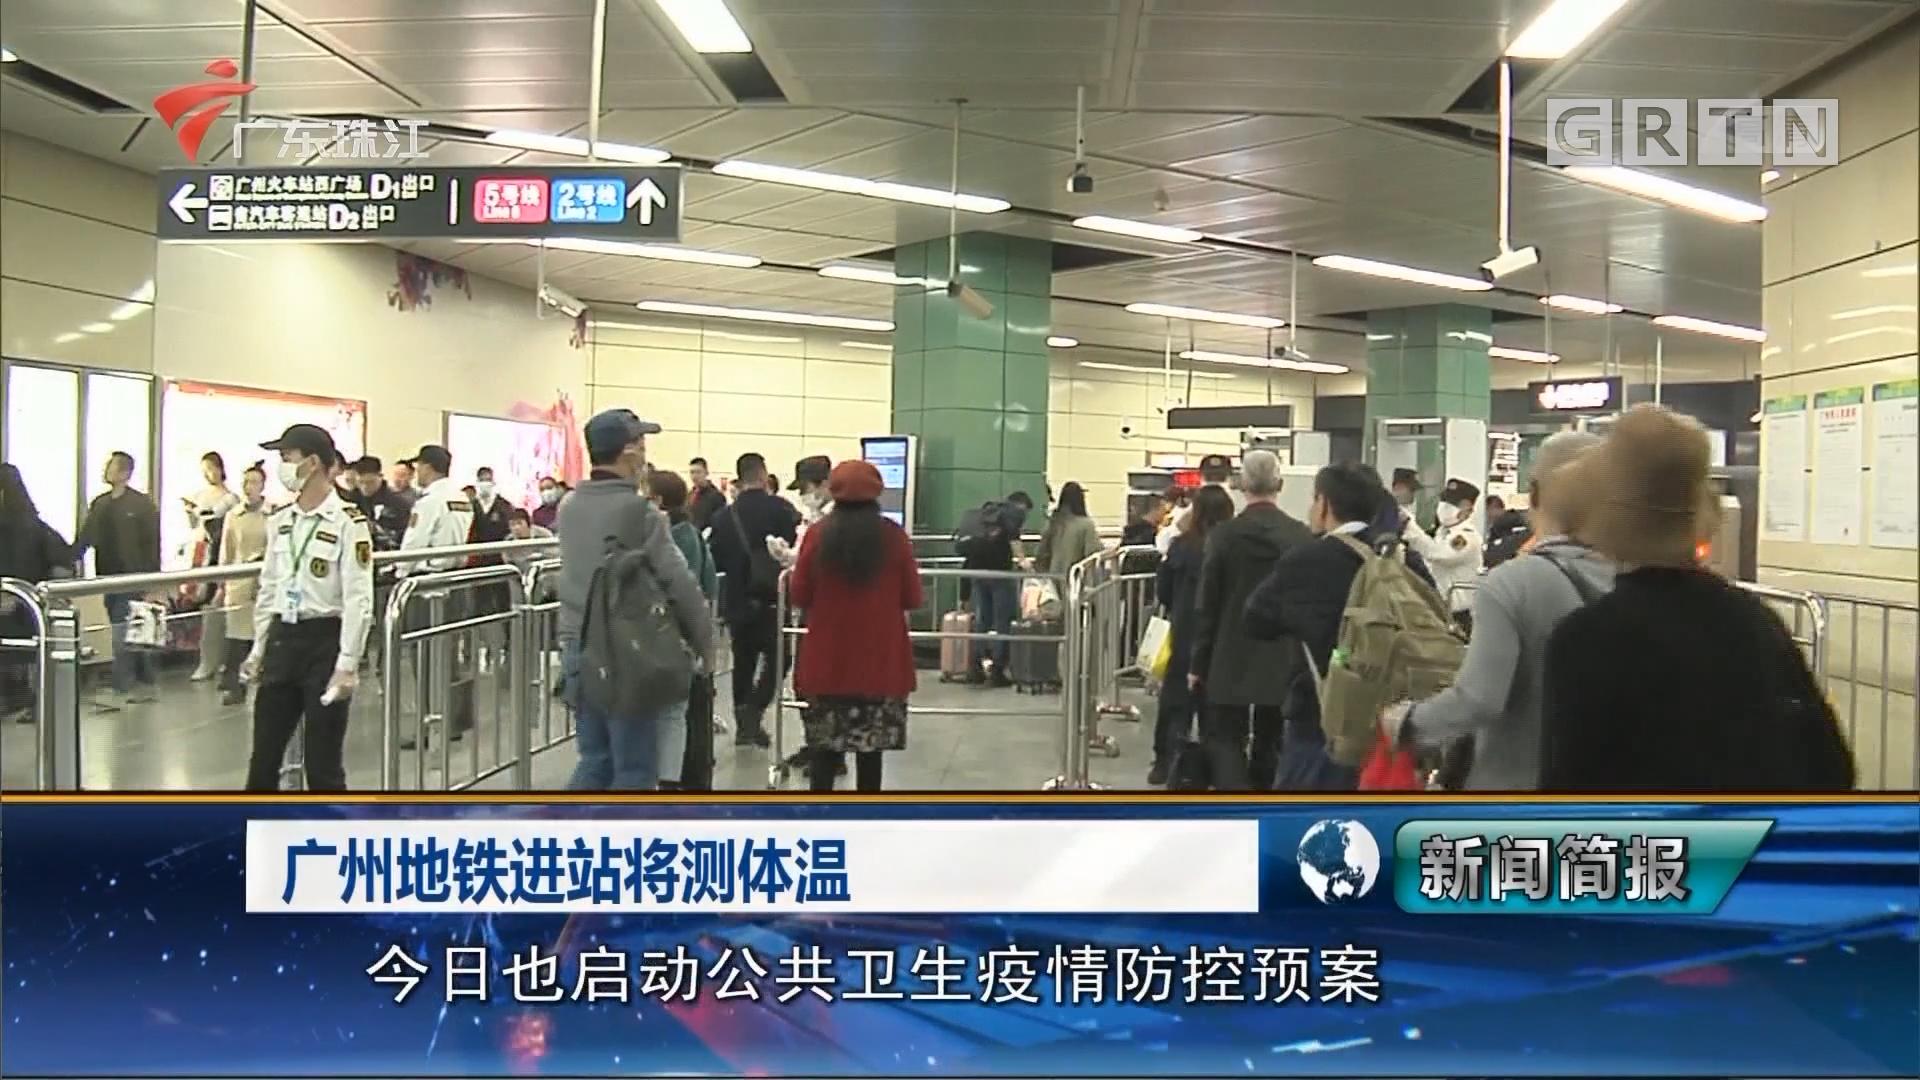 广州地铁进站将测体温